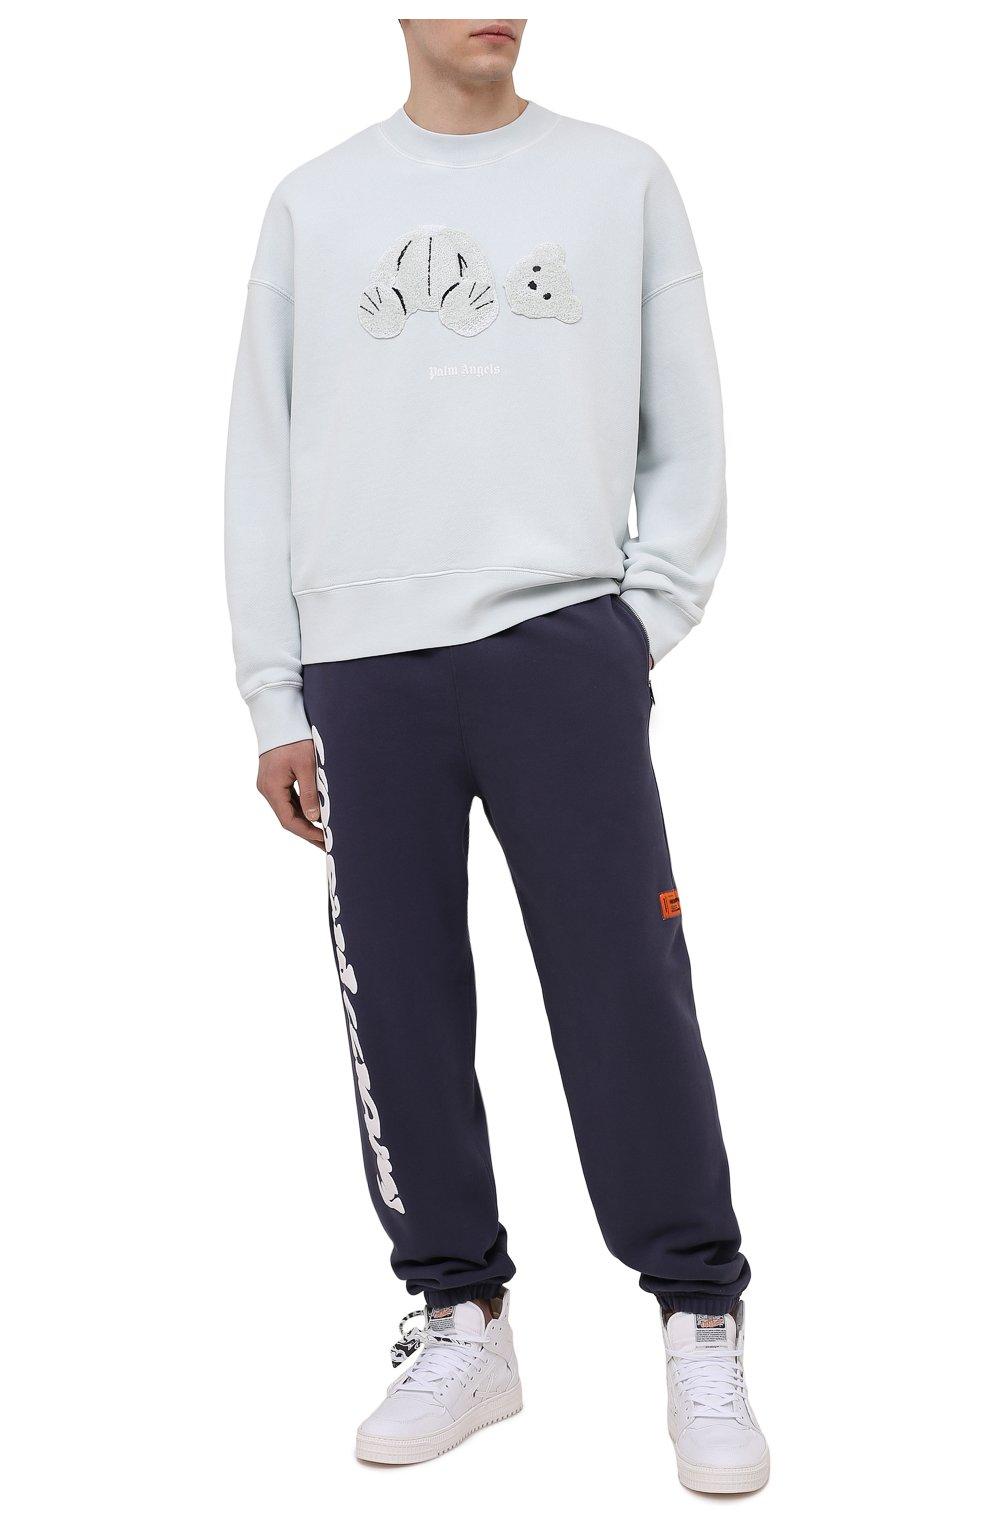 Мужские хлопковые джоггеры HERON PRESTON синего цвета, арт. HMCH014S21JER0010701 | Фото 2 (Мужское Кросс-КТ: Брюки-трикотаж, Джоггеры-одежда; Длина (брюки, джинсы): Стандартные; Материал внешний: Хлопок; Стили: Спорт-шик; Силуэт М (брюки): Джоггеры)